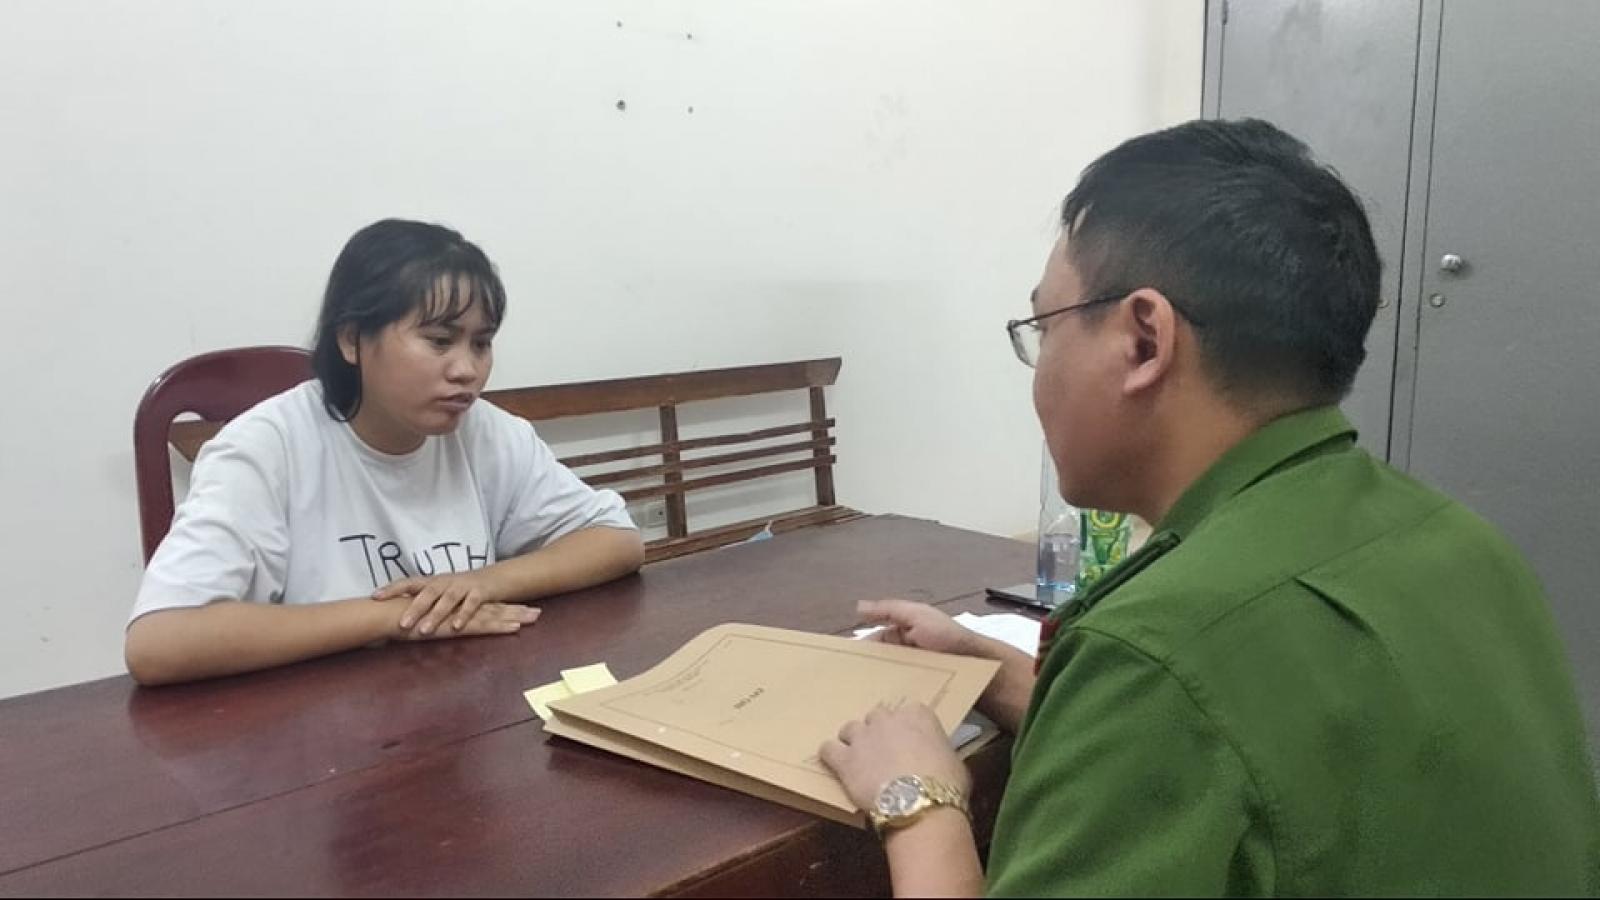 """Vụ """"bỏ bom"""" 150 mâm cỗ cưới tại Điện Biên: Bước đầu xác định là hành vi lừa đảo"""